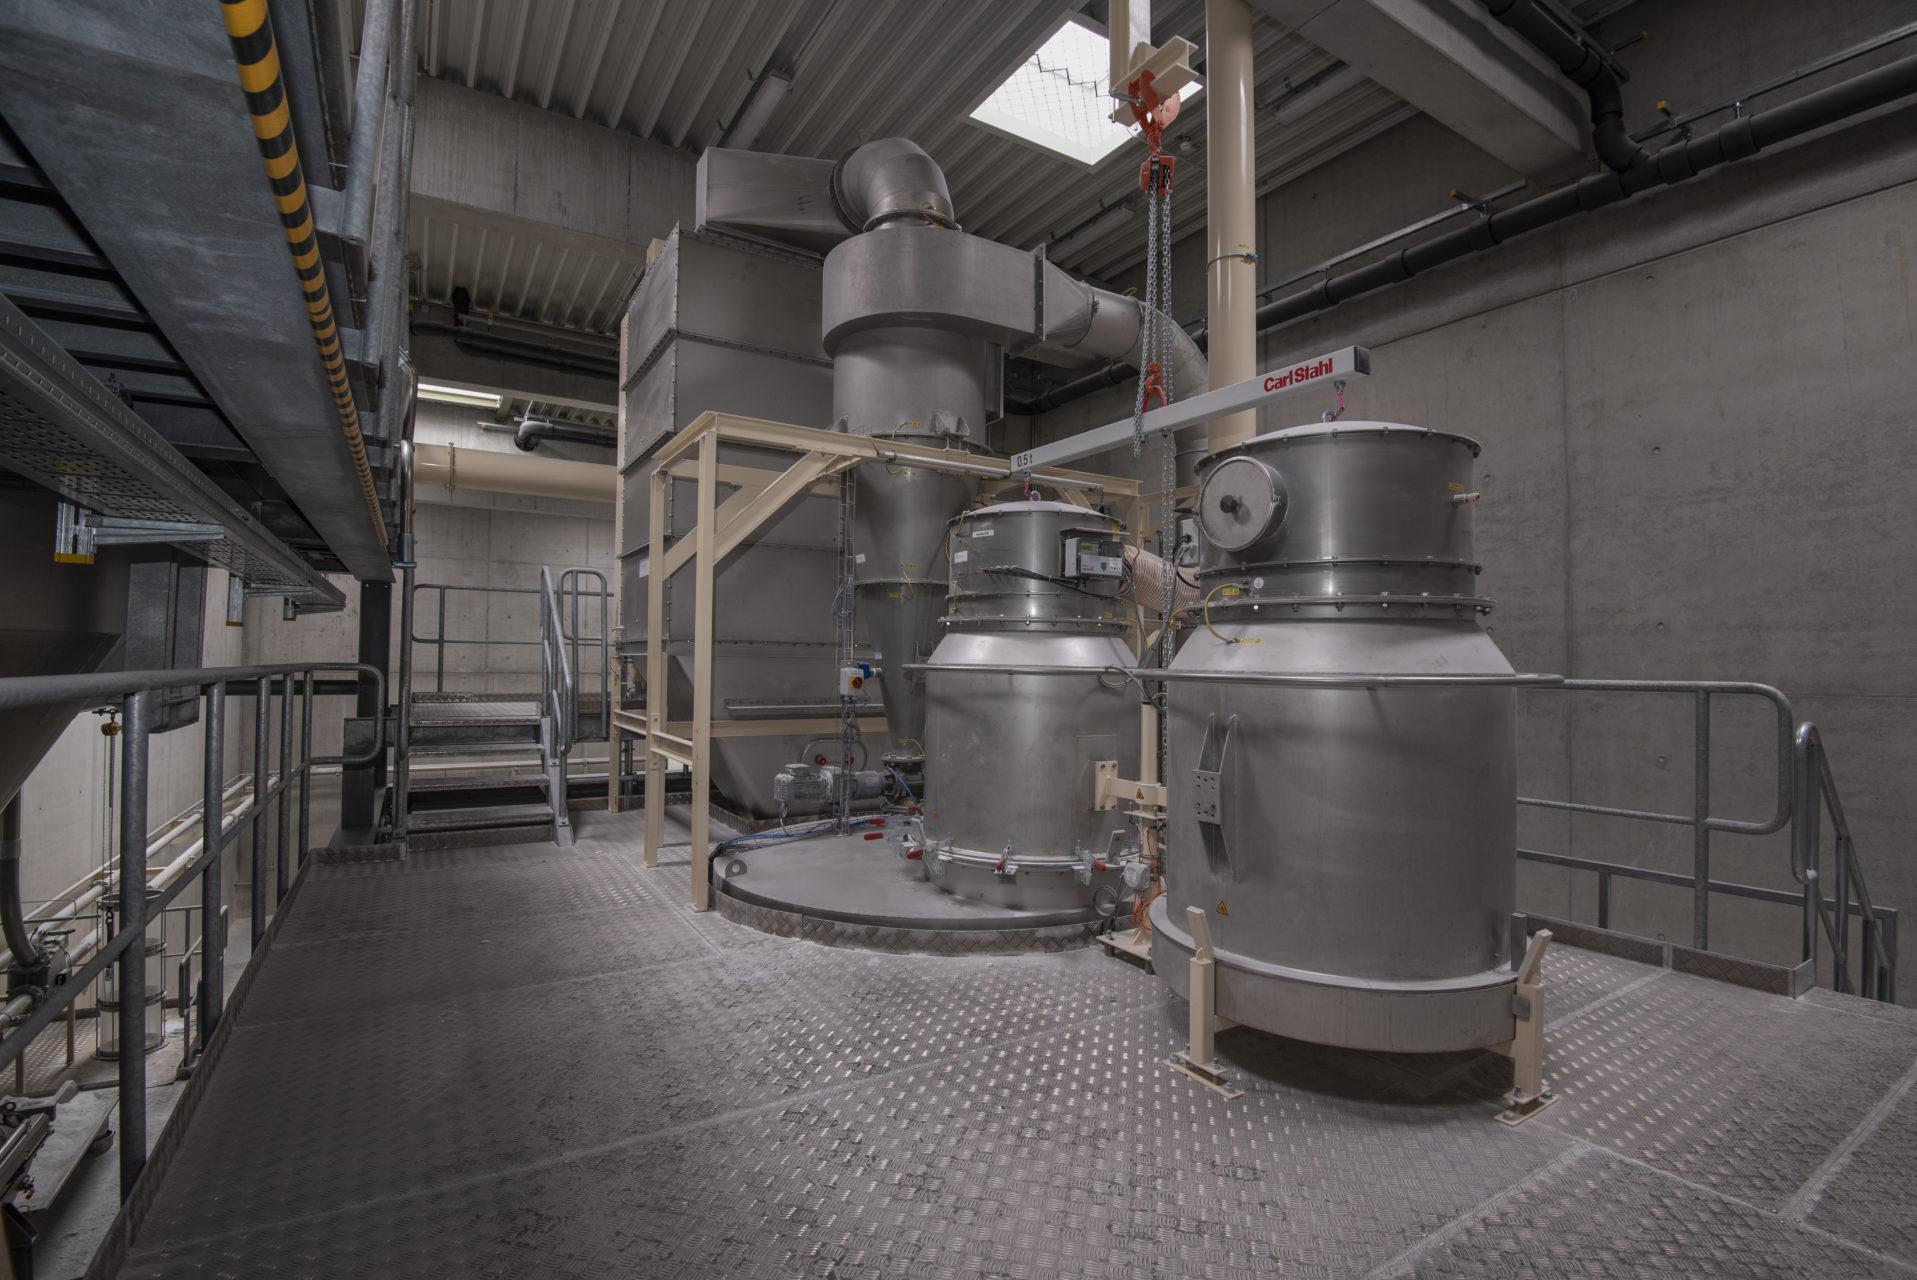 Apparate Behaelter Anlagenmechanik Industrie Abscheidebehaelter Drehfilter Siloanlagen Befuellanlagen Endeco